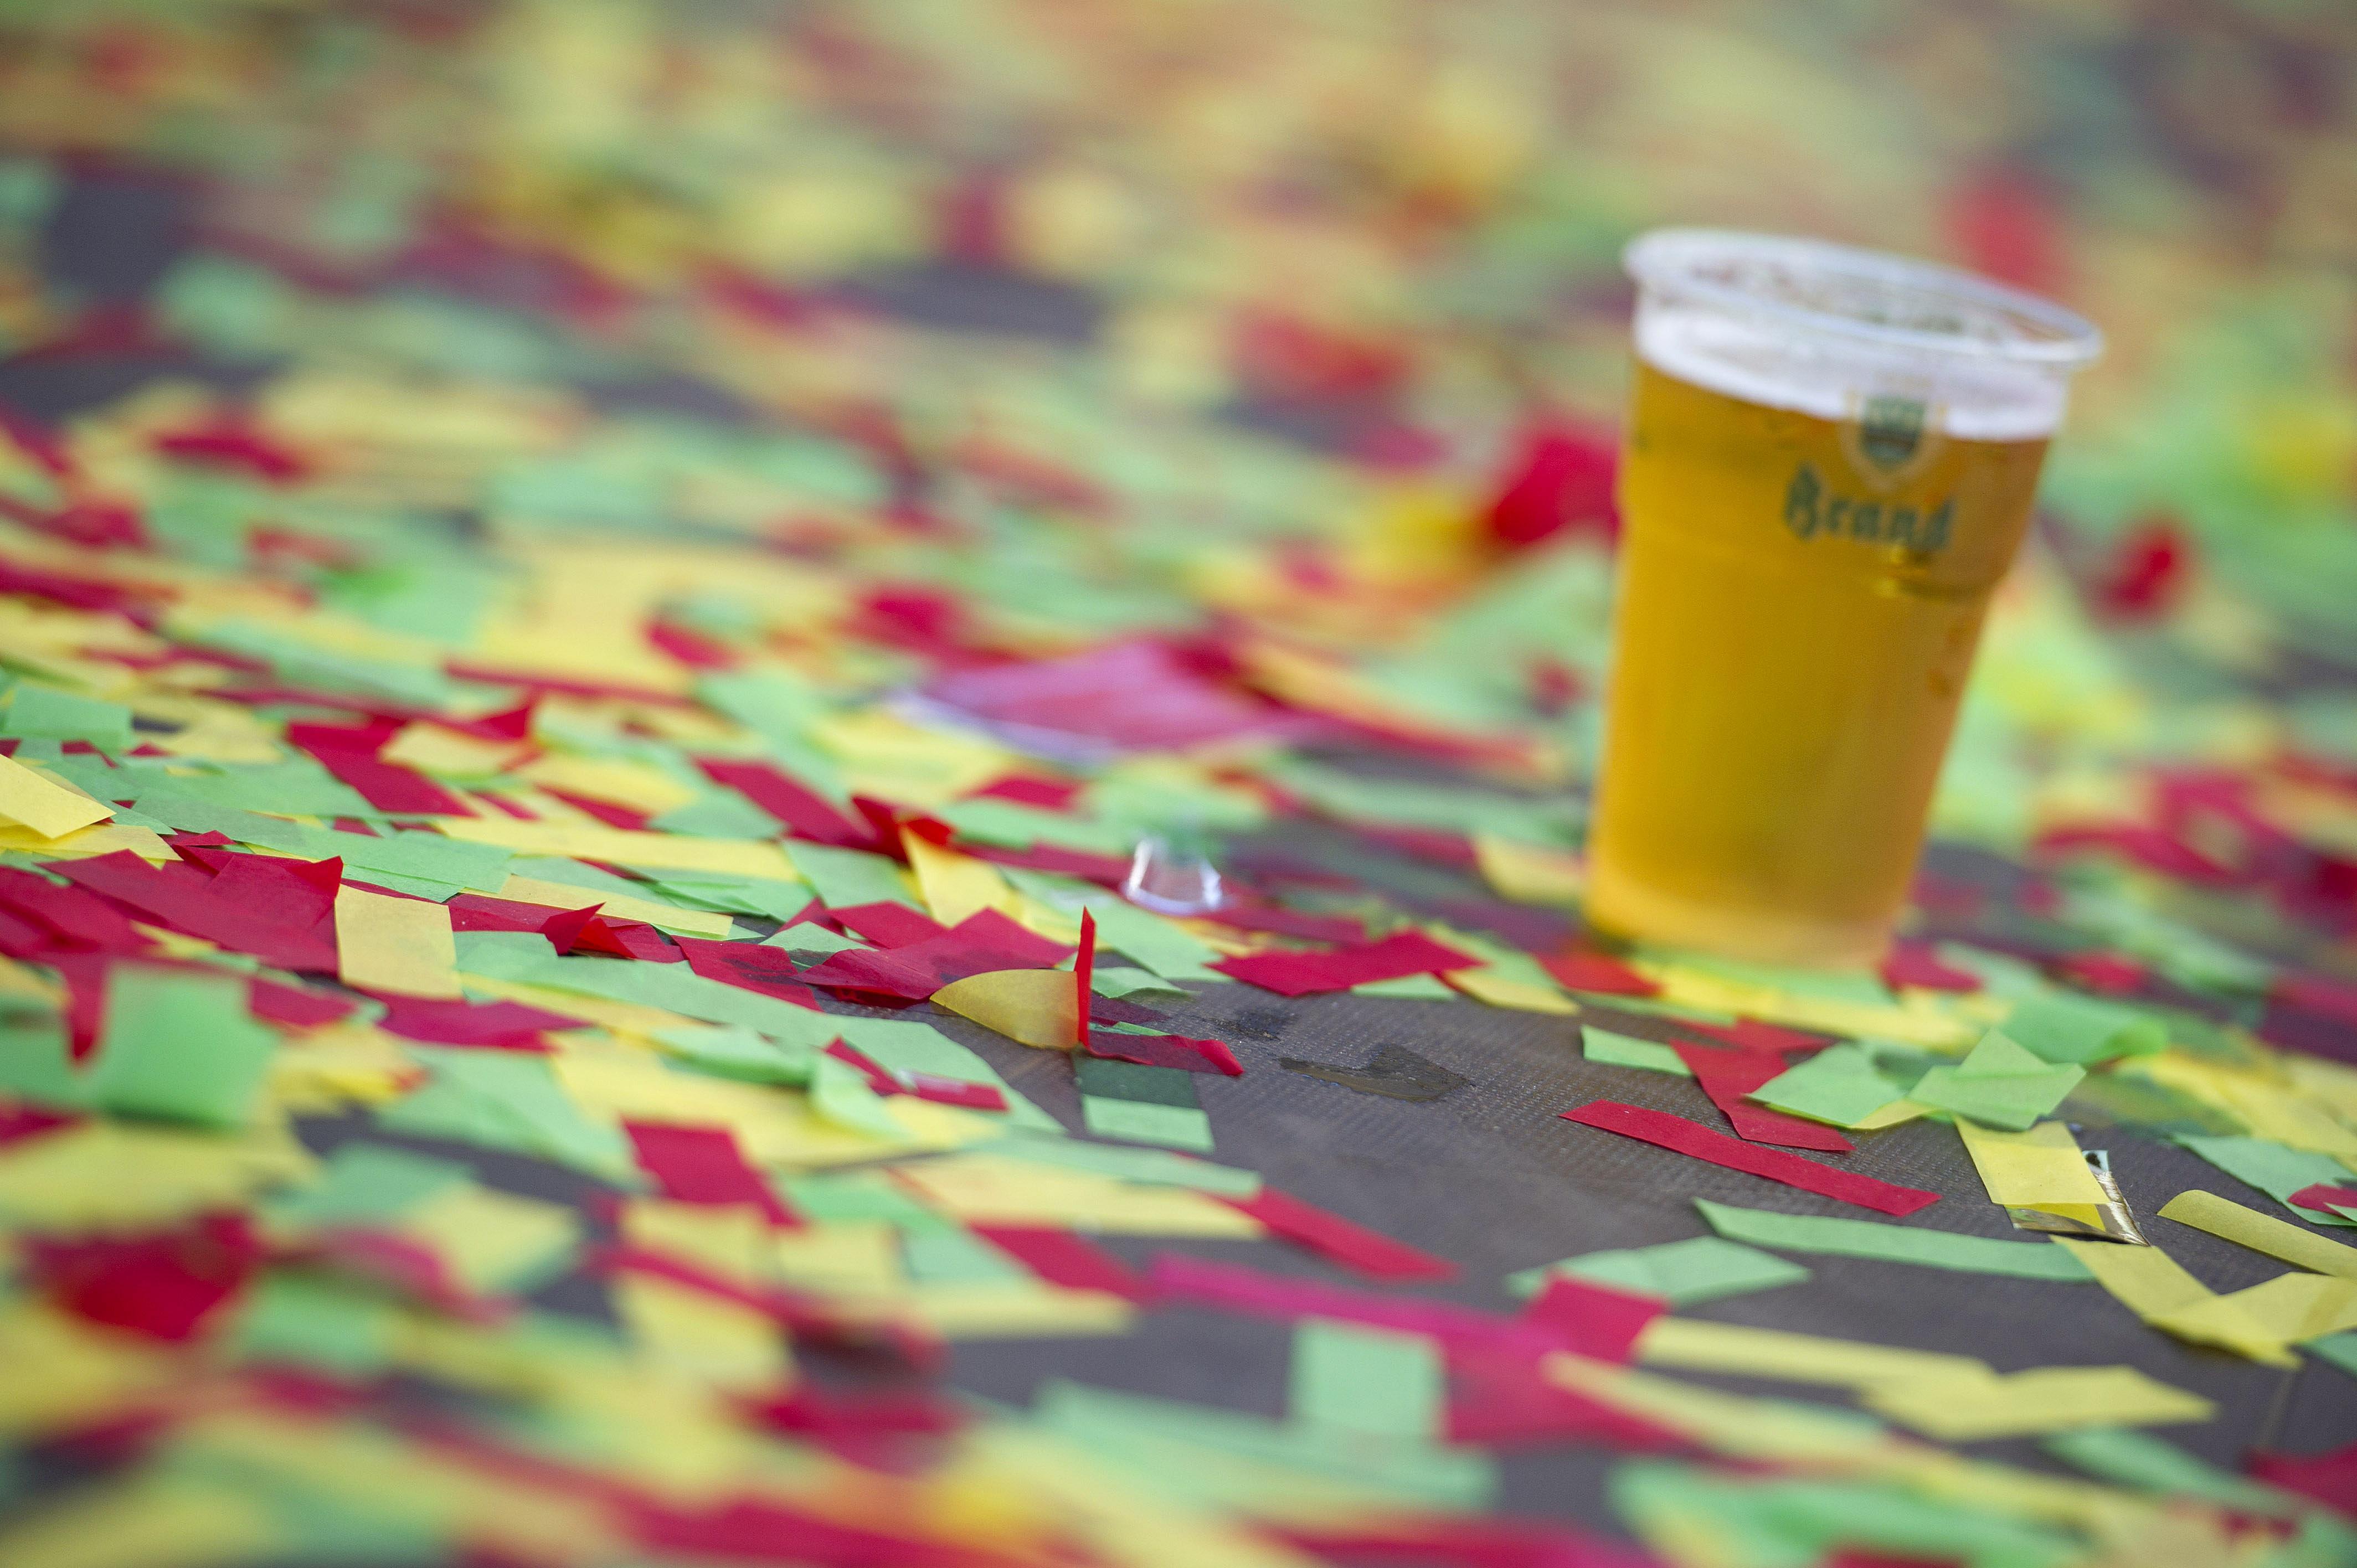 Bij carnavalsvereniging De Bokken is het glas halfvol: 'Wij denken in mogelijkheden'